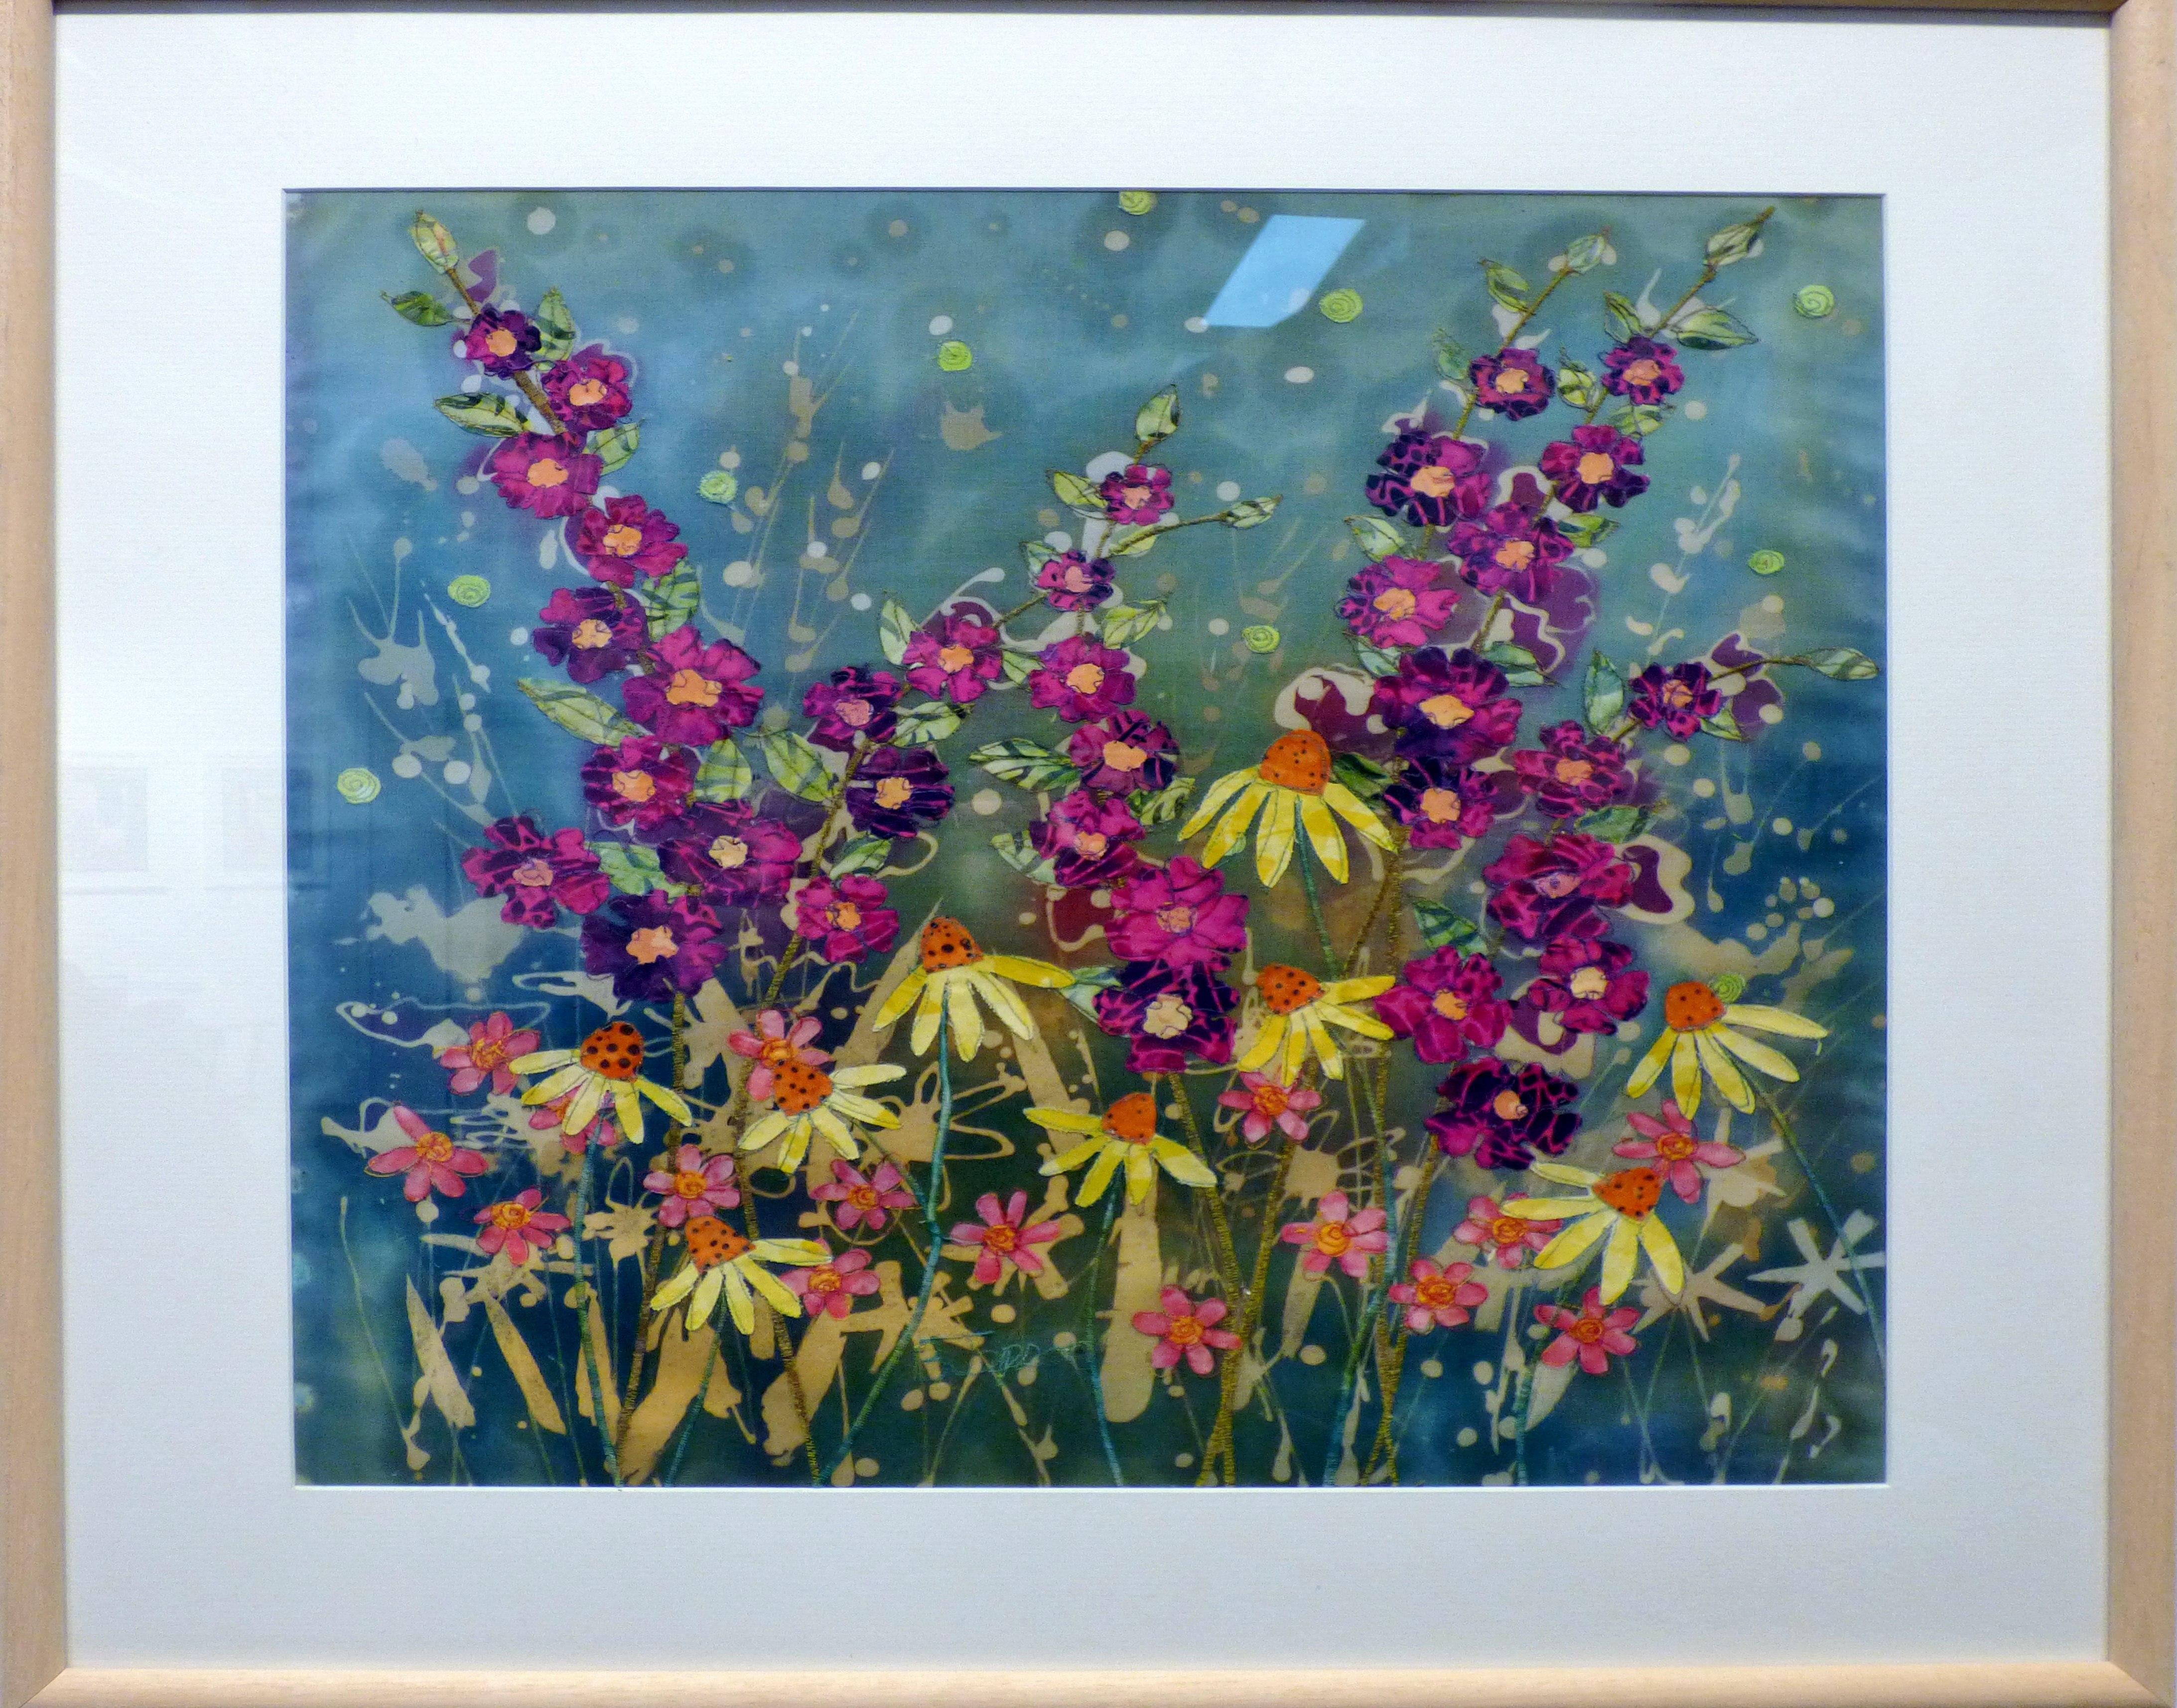 SUMMER GLOW by Barbara Jepson, Ten Plus exhibition, Nantwich